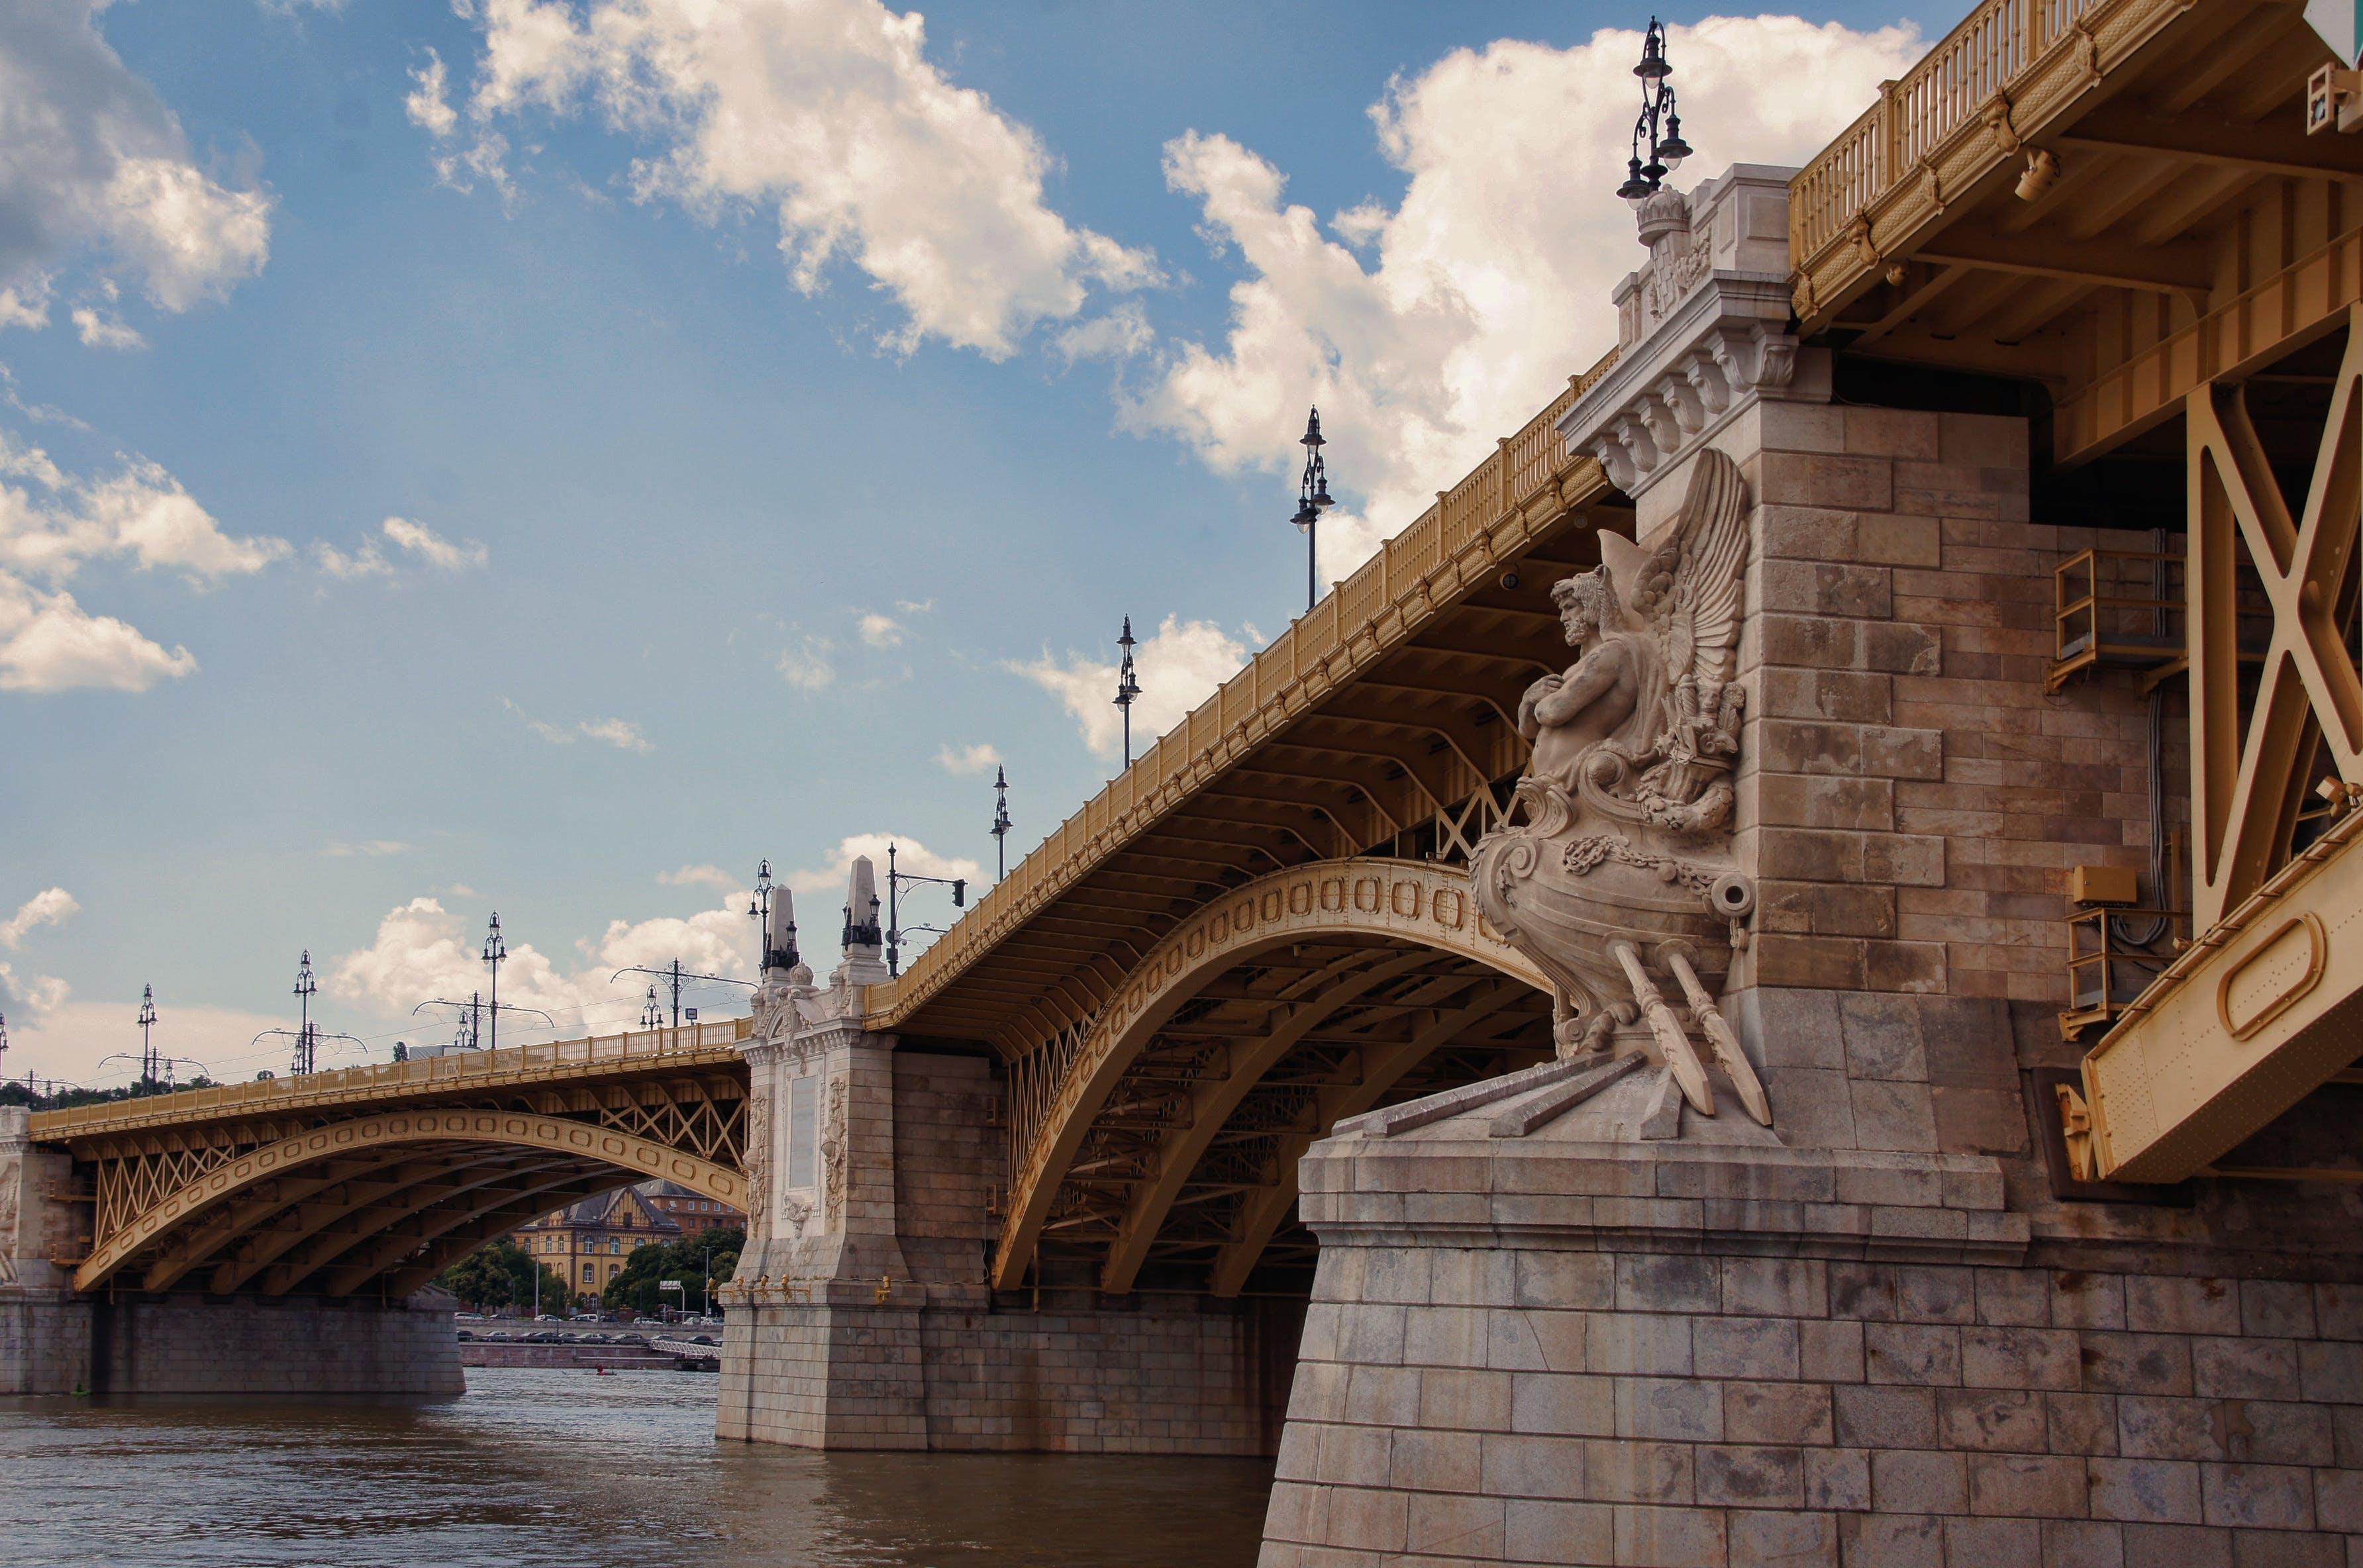 Kostnadsfri bild av arkitektur, bro, landmärke, vatten